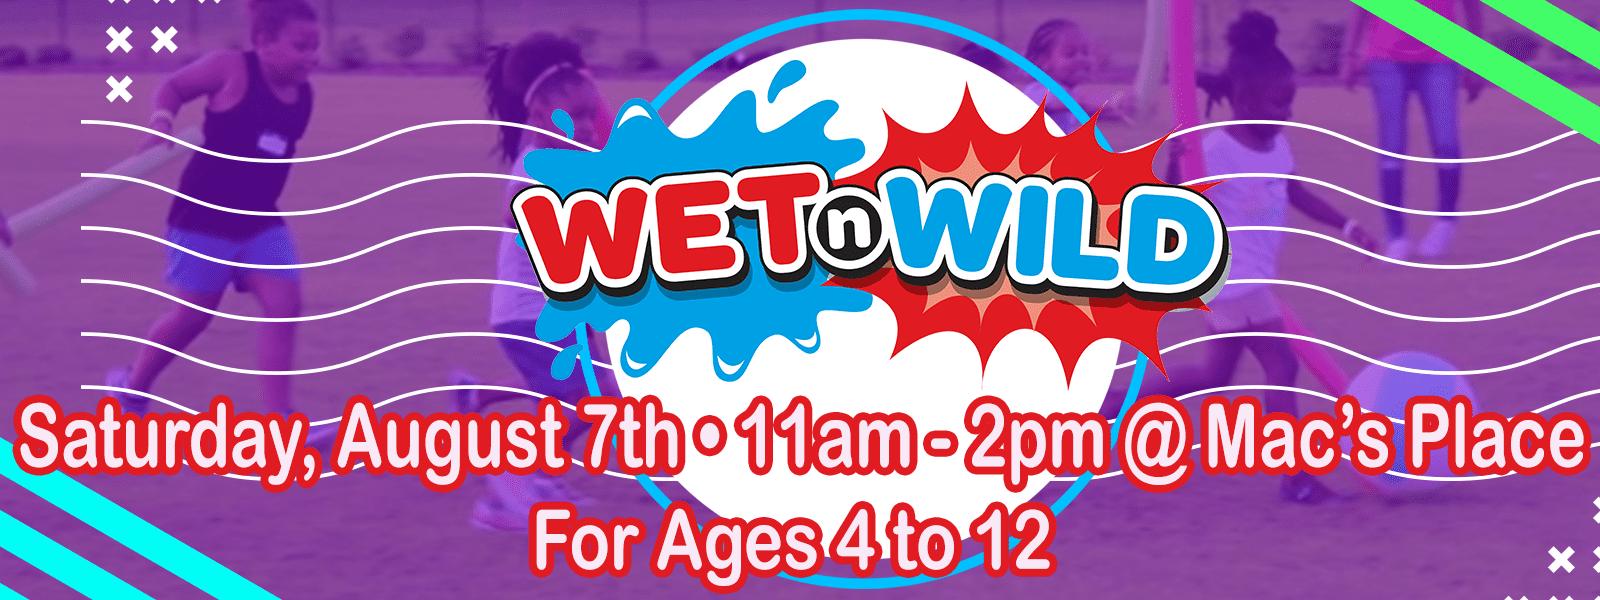 Wet & Wild Kidz Bash